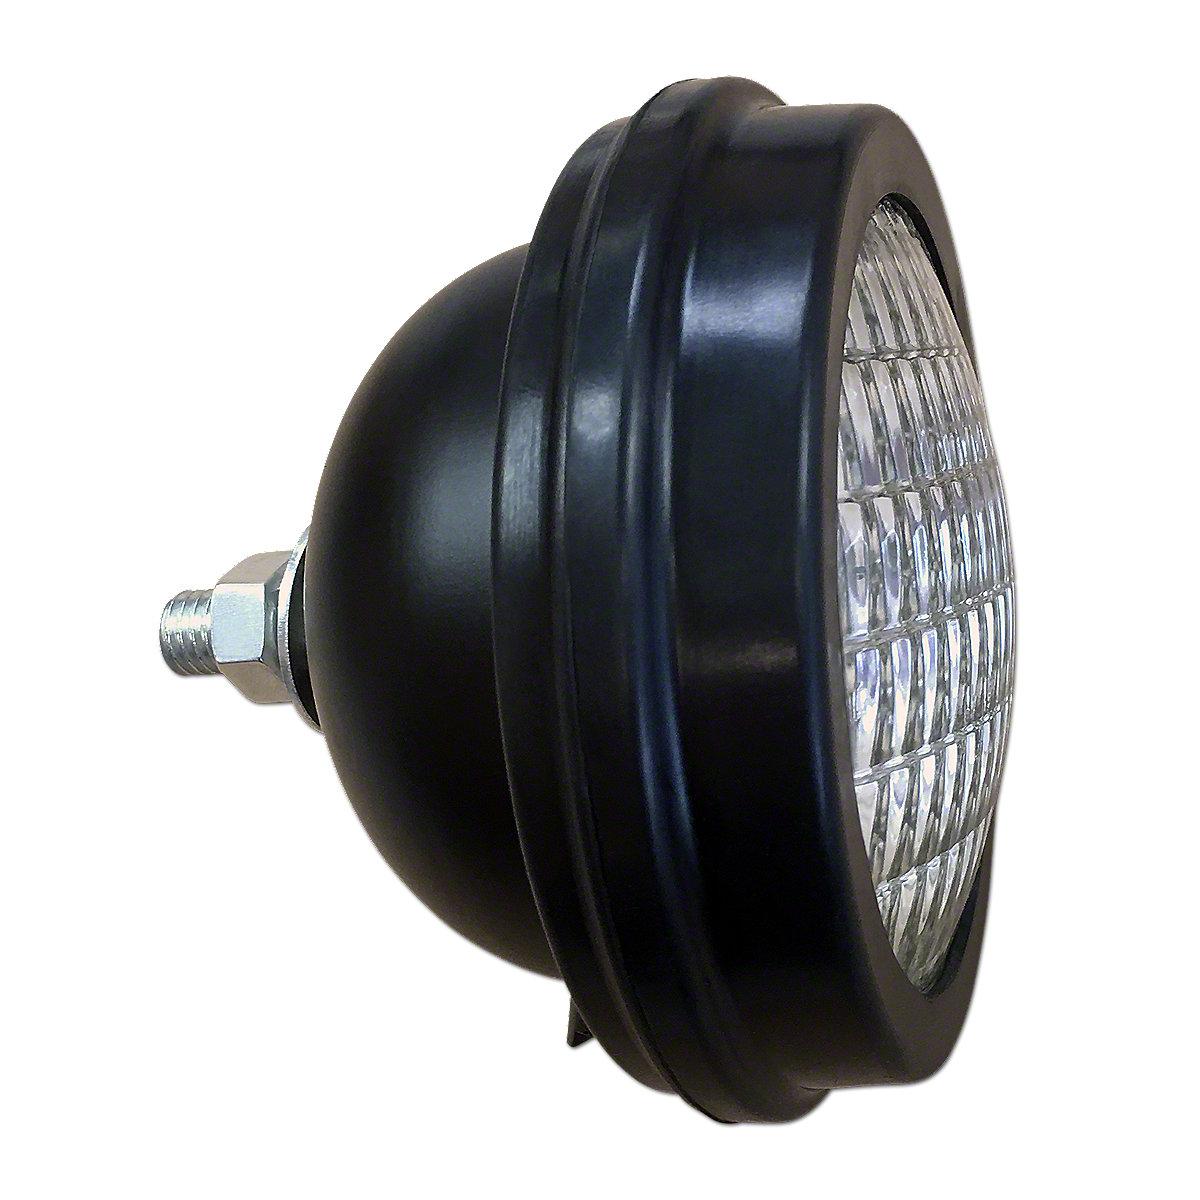 Steiner Tractor Fenders : Volt inner fender light with rubber bezel guide style